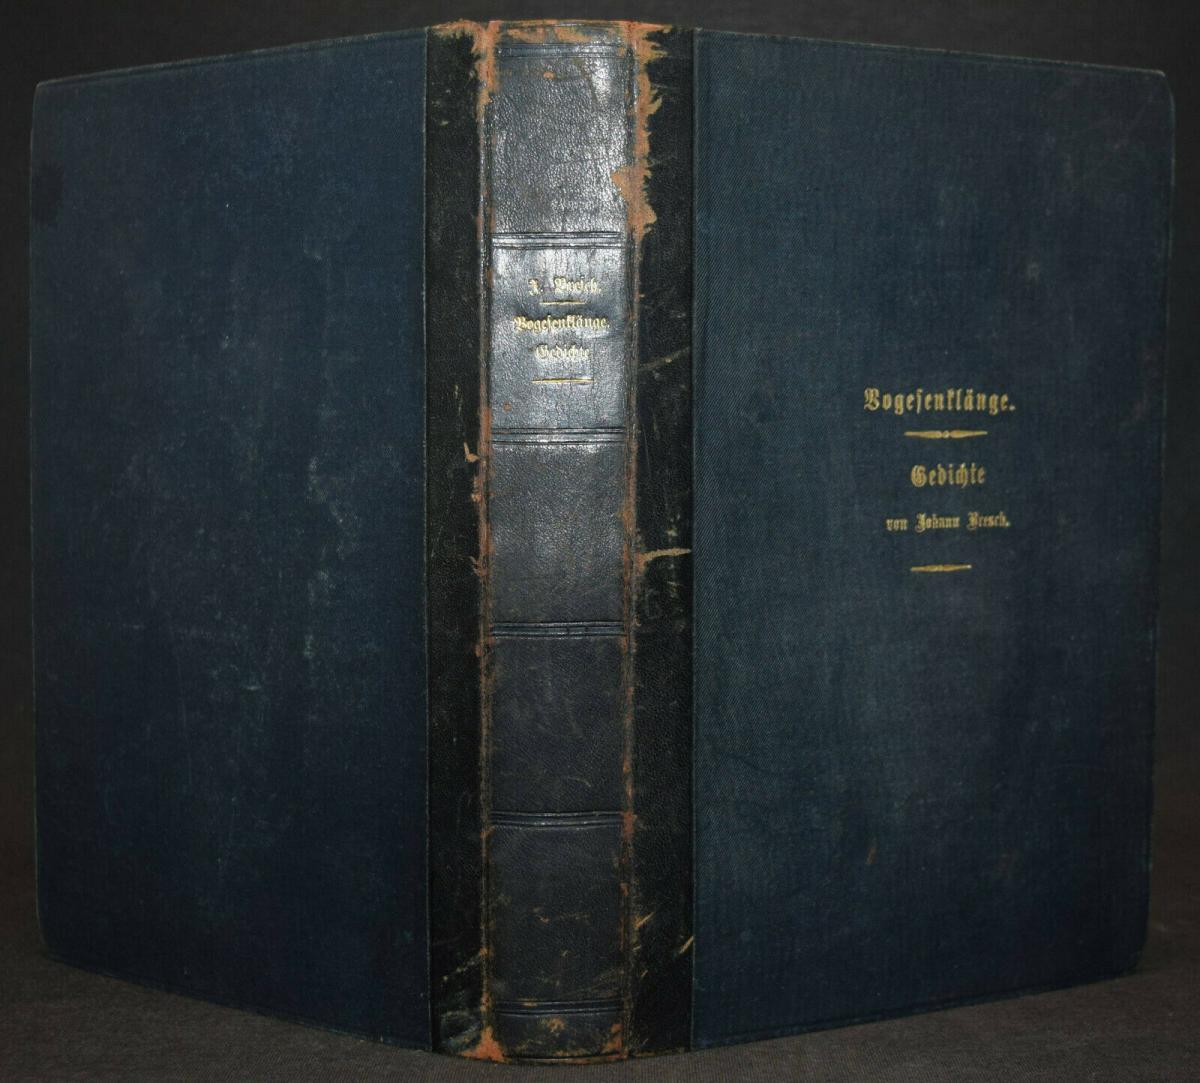 JOHANN BRESCH - VOGESENKLÄNGE - ORIGINAL-MANUSKRIPT 1887 -  ELSASS - HANDSCHRIFT 1